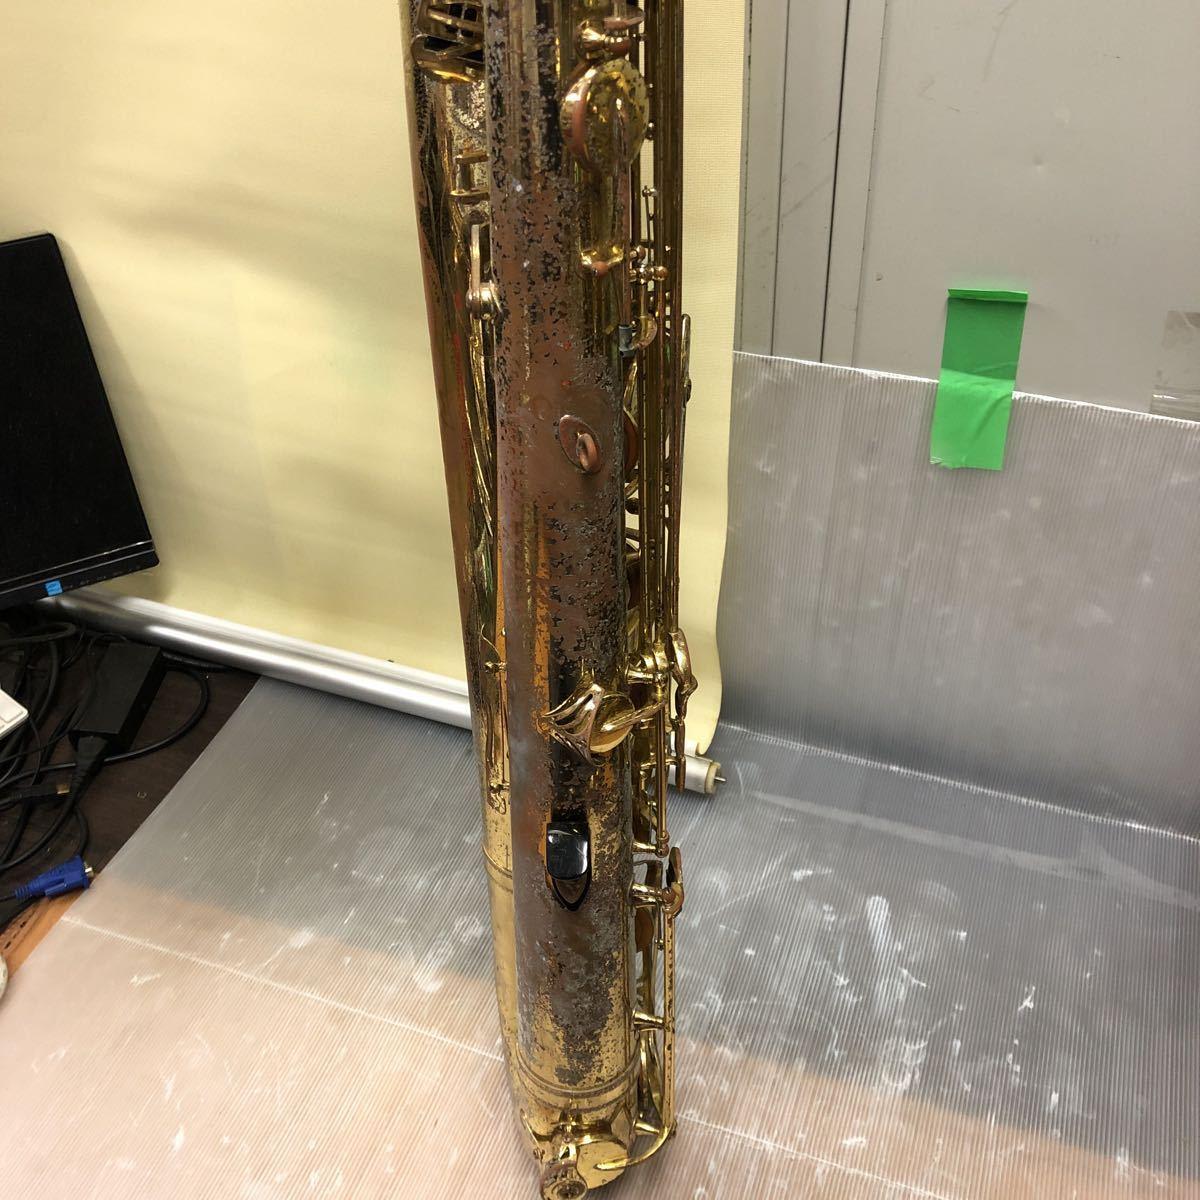 ★YAMAHA★ヤマハ バリトンサックス YBS-61 木管楽器 プロモデル 5388 ヴィンテージ 中古現状品 _画像7